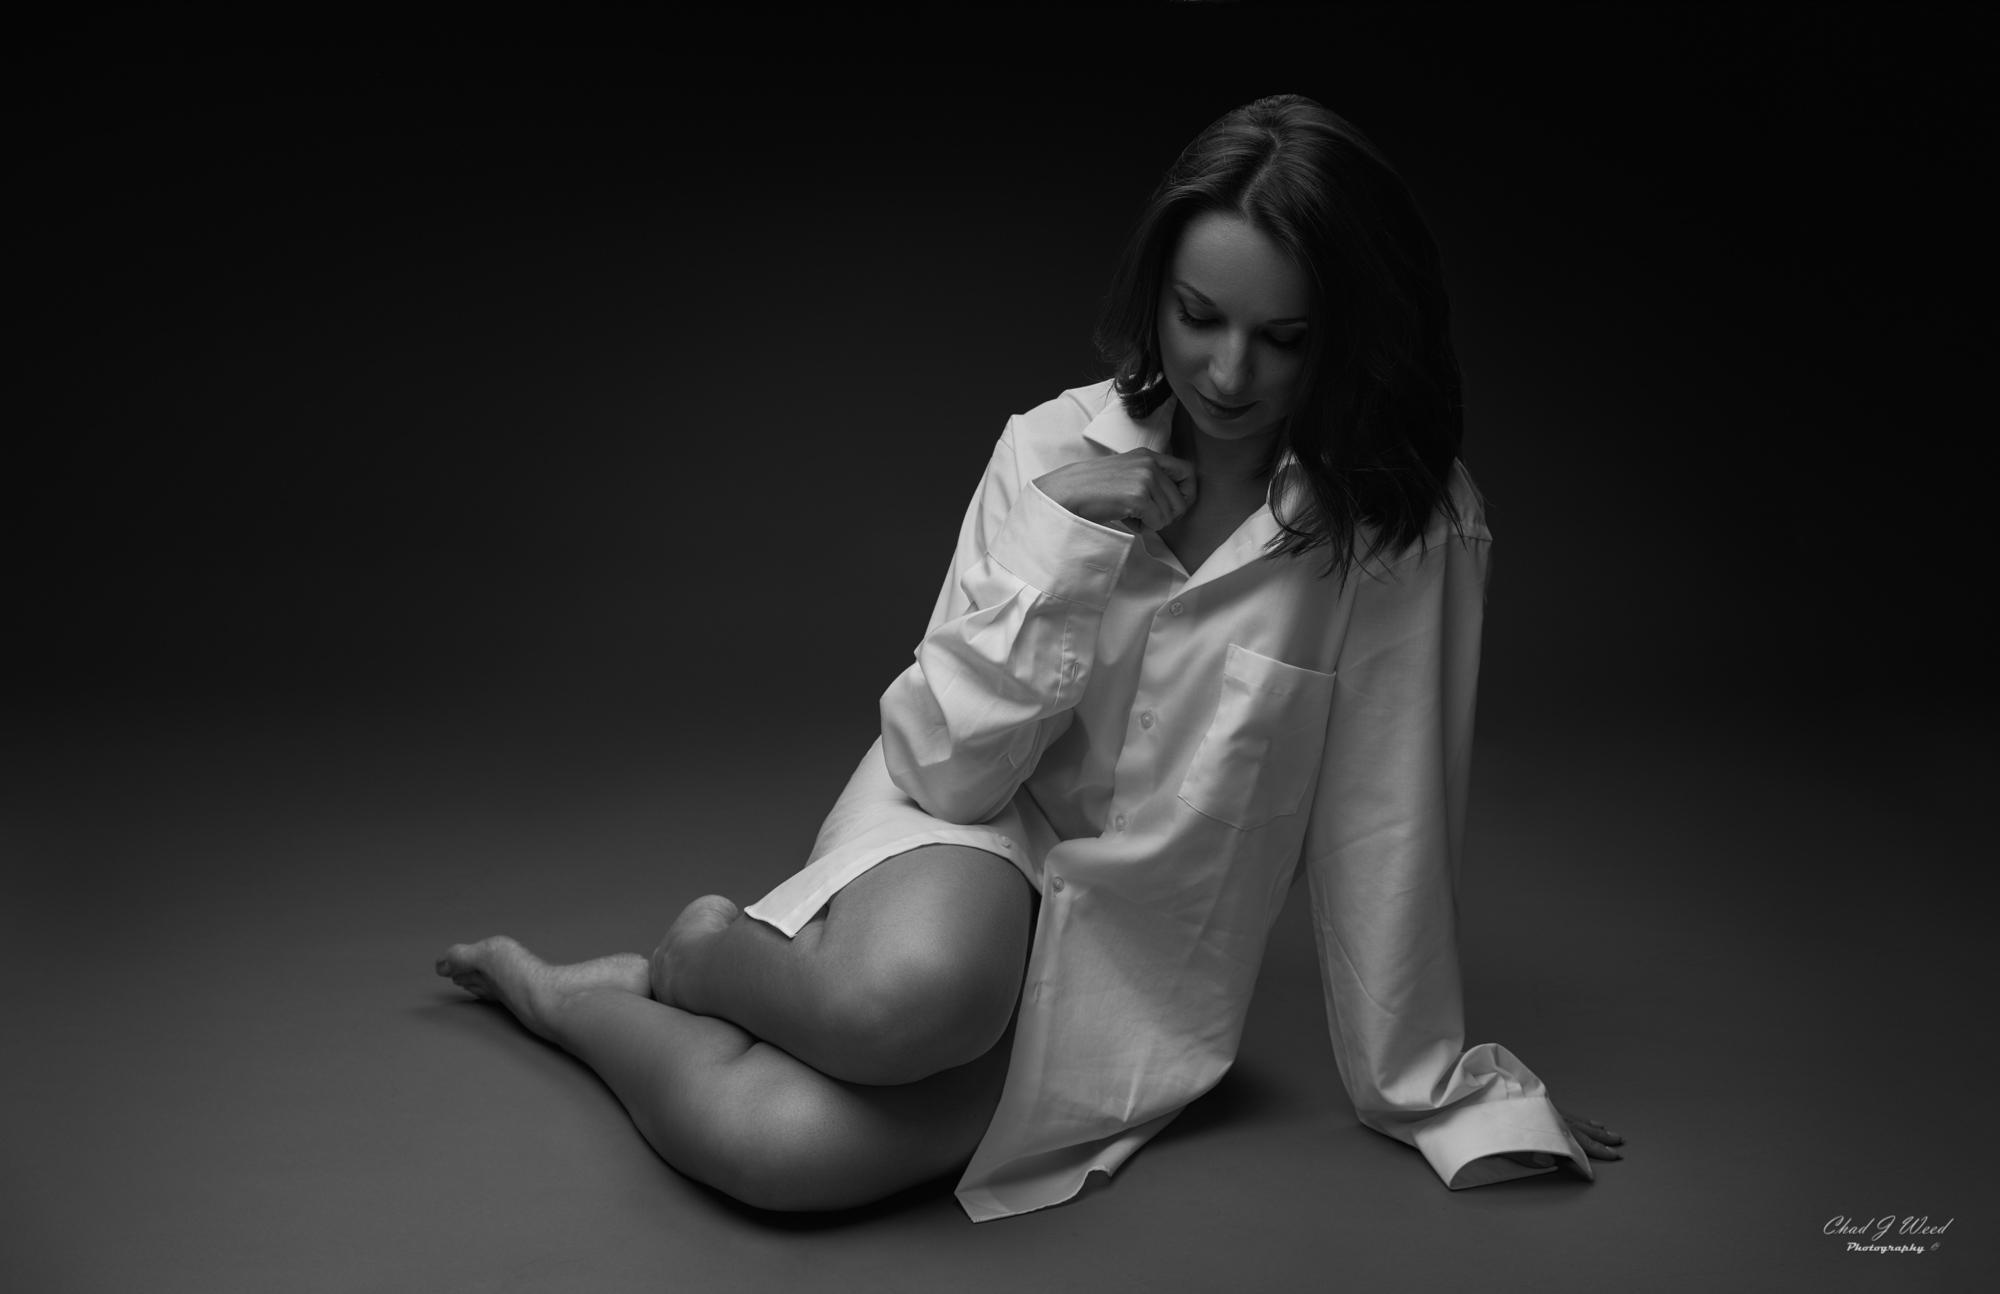 Kika Fashion Model by Arizona Fashion Portrait Photographer Chad Weed